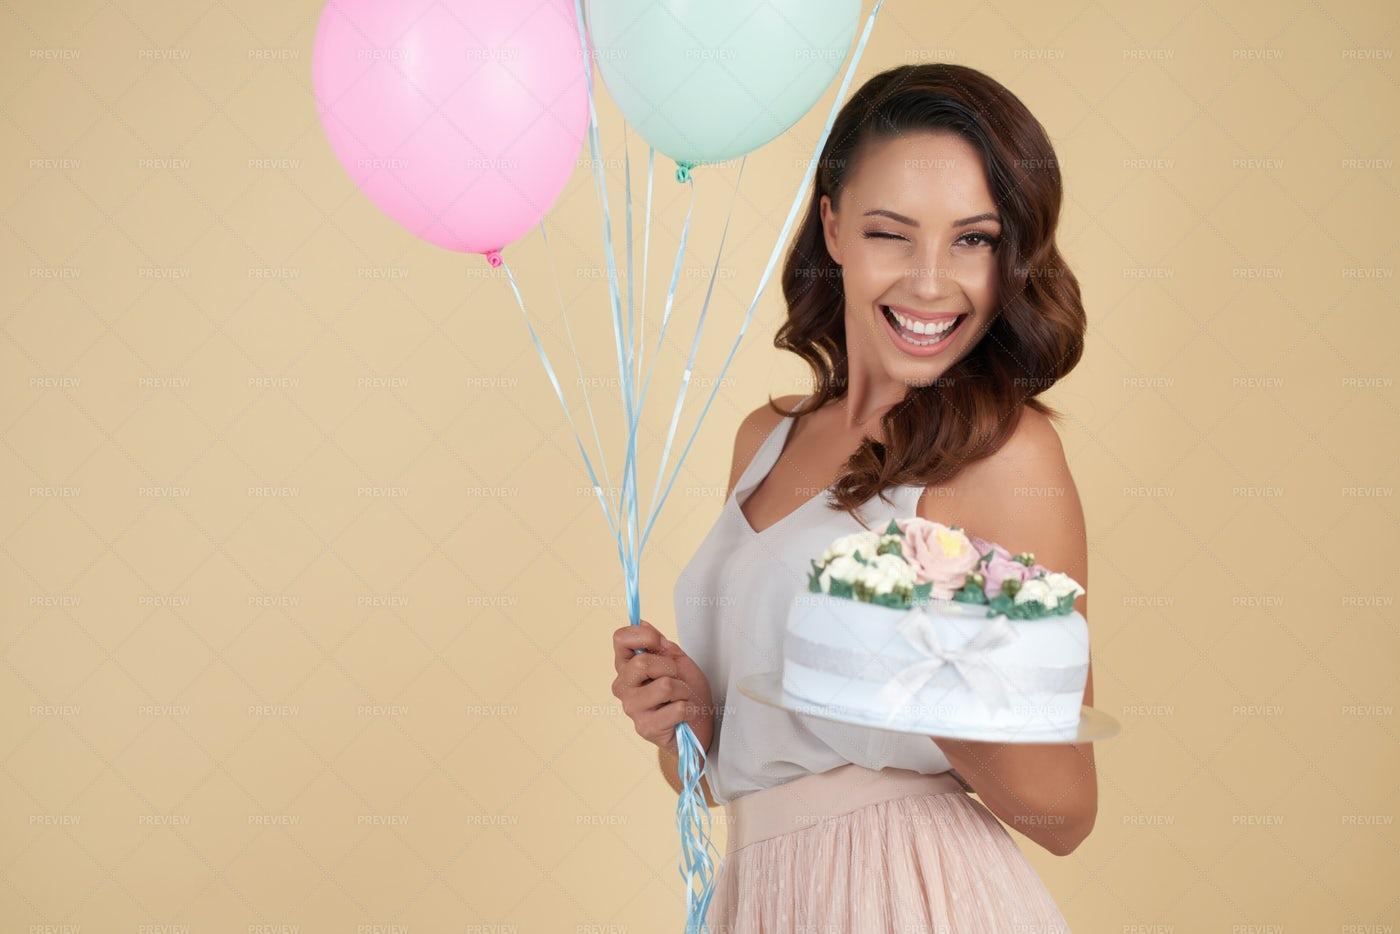 Happy Birthday Girl Winking At...: Stock Photos